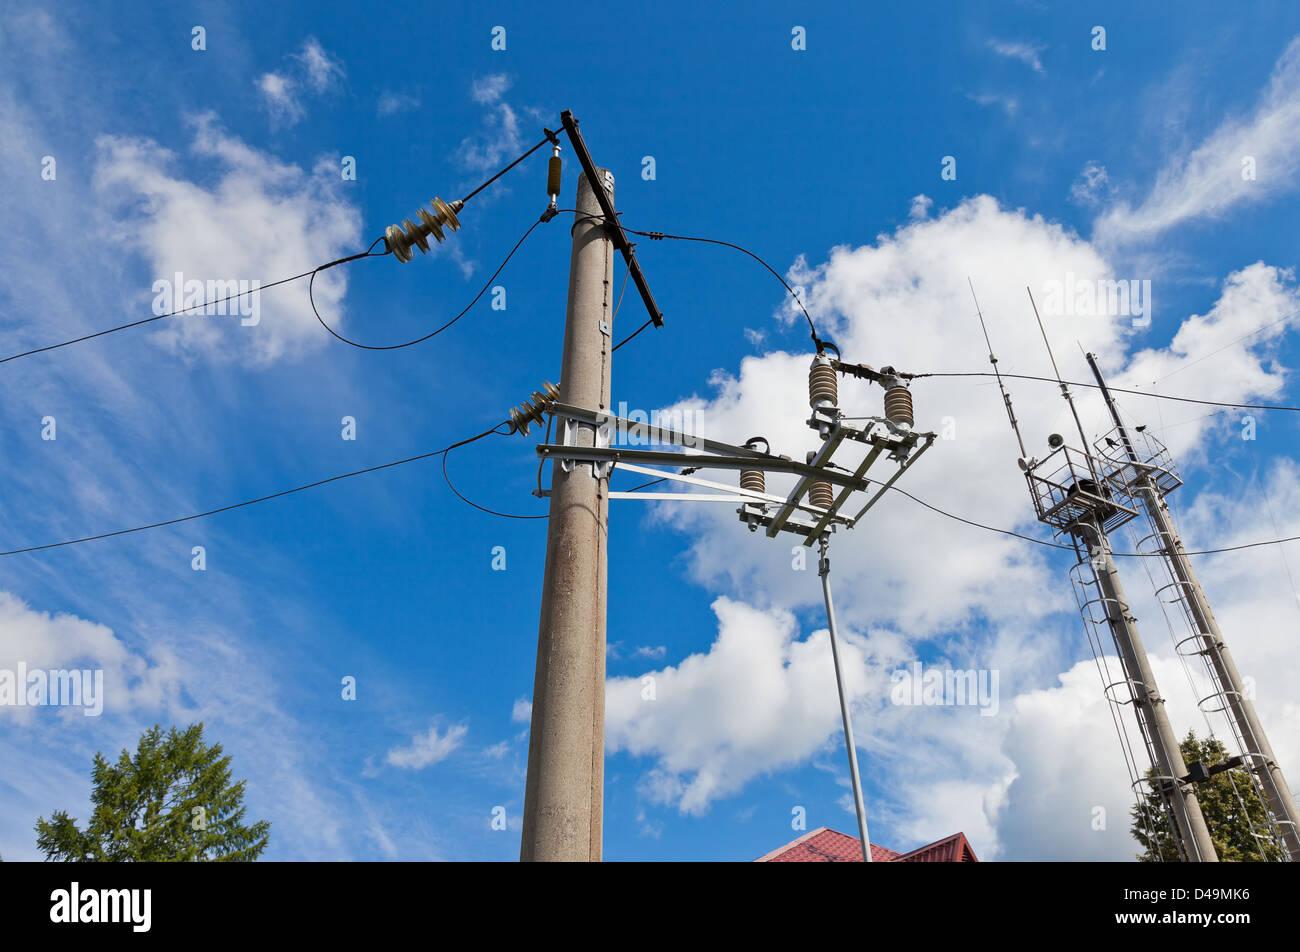 Ausgezeichnet Verzinnter Draht Elektrisch Bilder - Elektrische ...